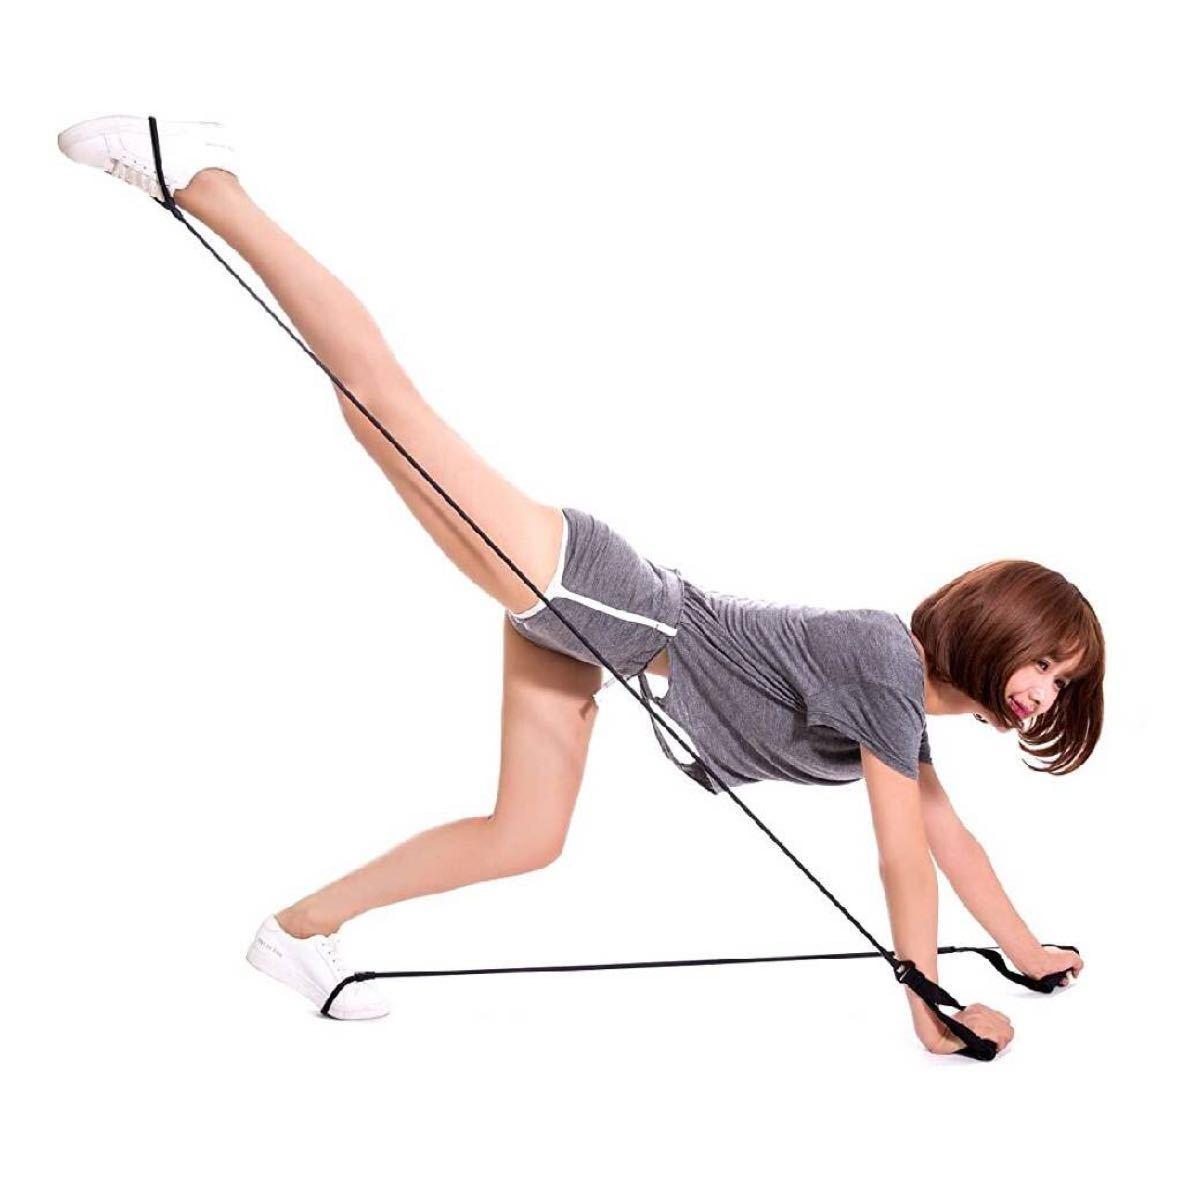 トレーニングチューブ エクササイズ用 筋トレ 運動不足 ダイエット